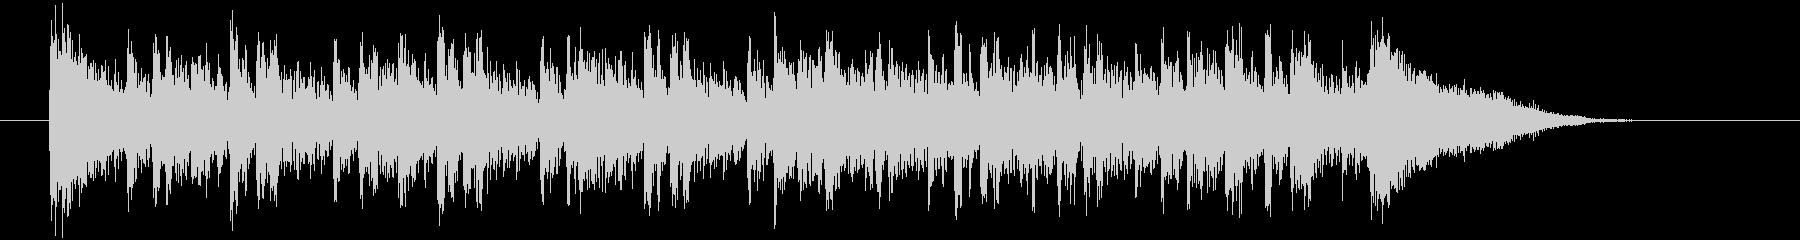 パーカッション系シークエンサーのEDMの未再生の波形